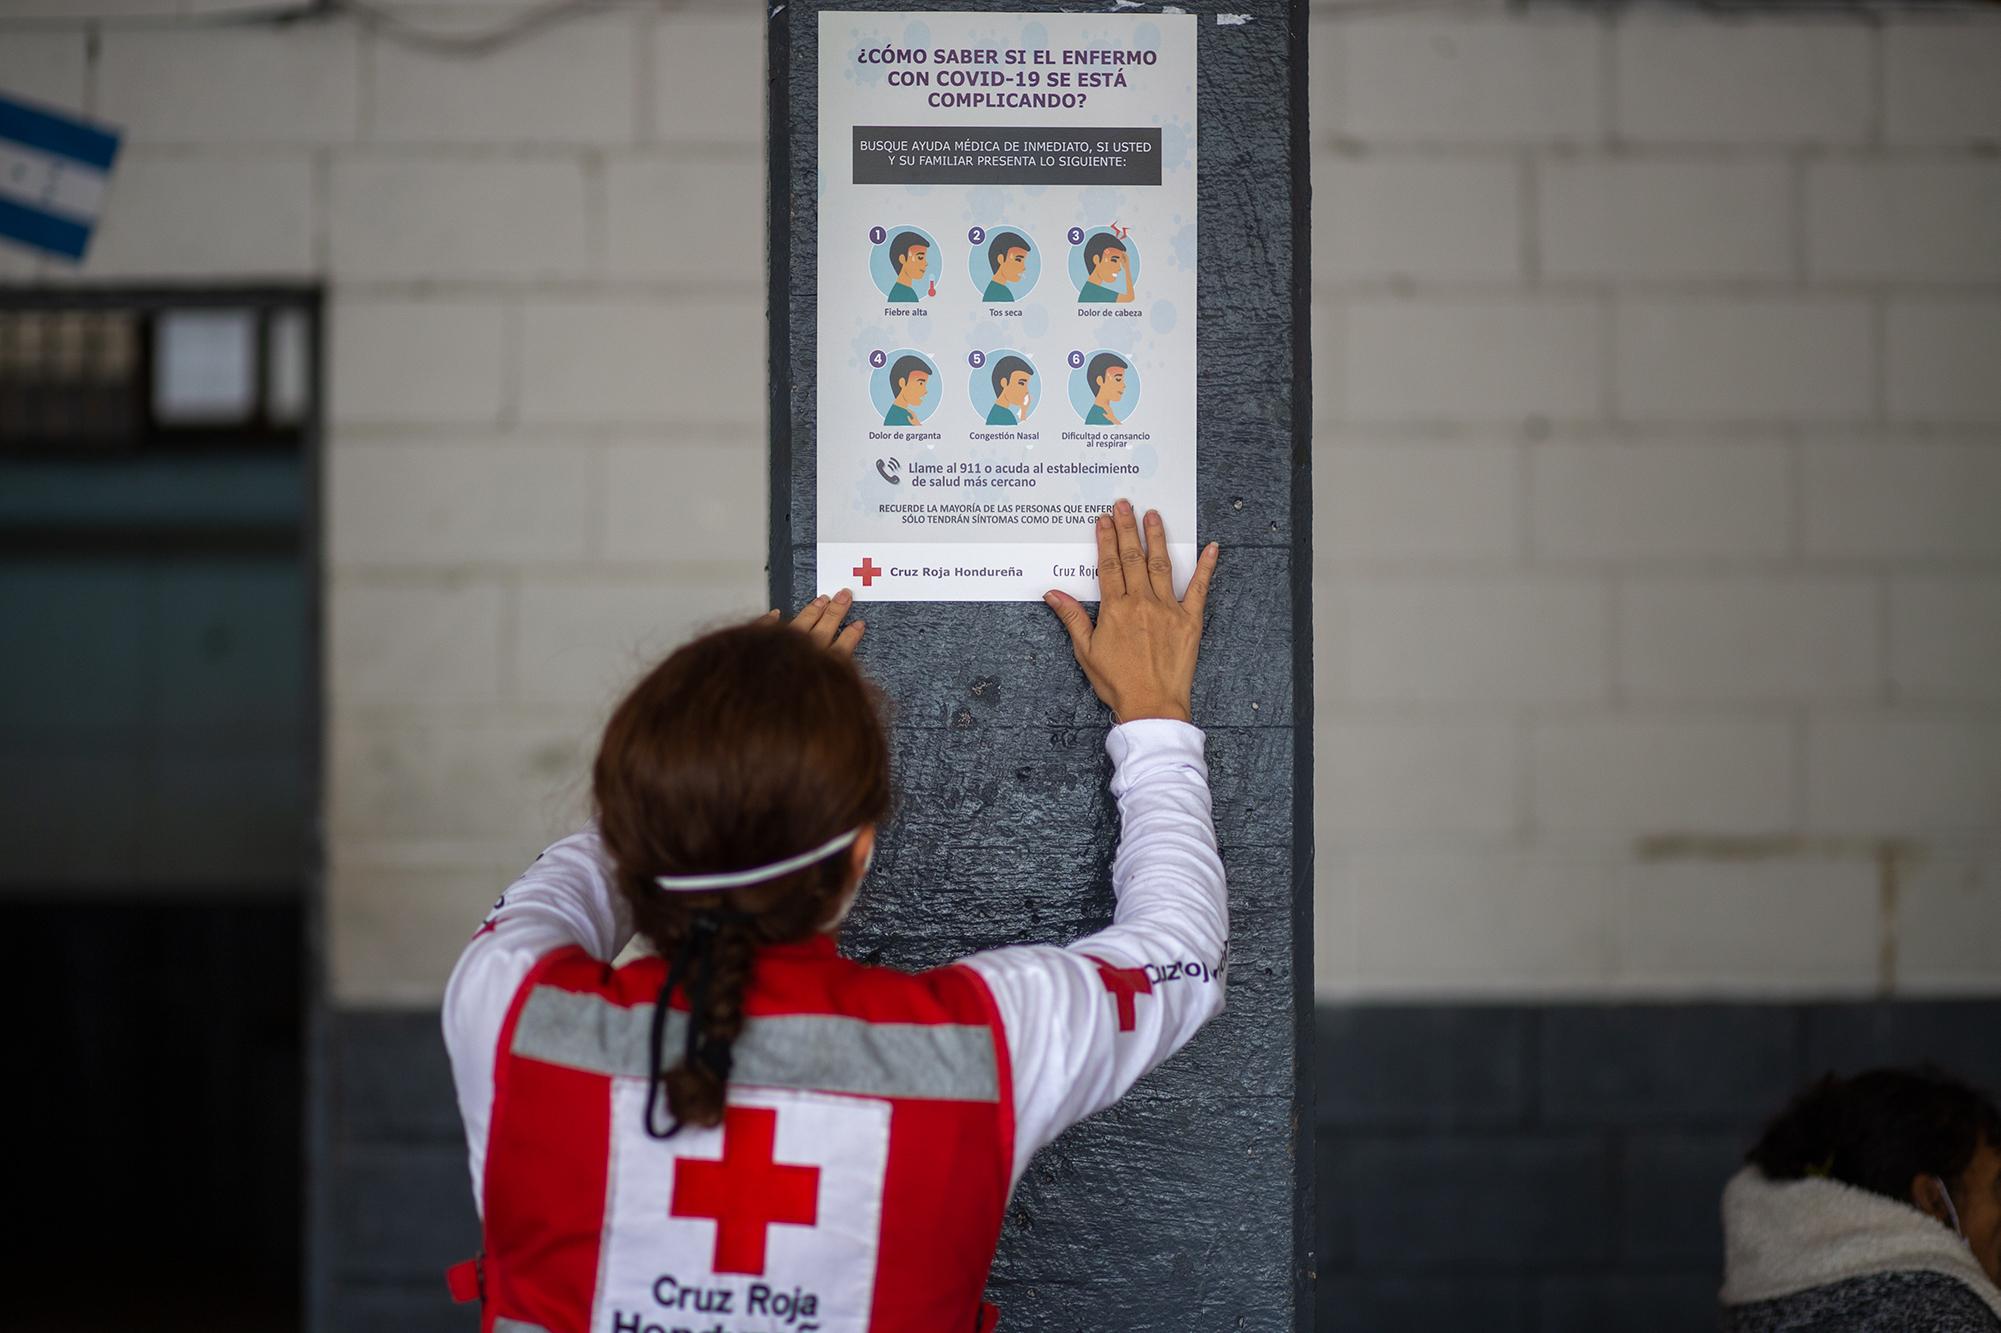 Una socorrista de la Cruz Roja Hondureña coloca un afiche que indica los síntomas para Covid-19 en el albergue del Instituto Central Vicente Cáceres. En el Distrito Central se les ha realizado la prueba para Covid-19 a las familias que se han refugiado en los albergues disponibles. Honduras ya registra 98,688 casos confirmados de Covid-19. Comayagüela, 5 de noviembre de 2020. Foto: Martín Cálix.